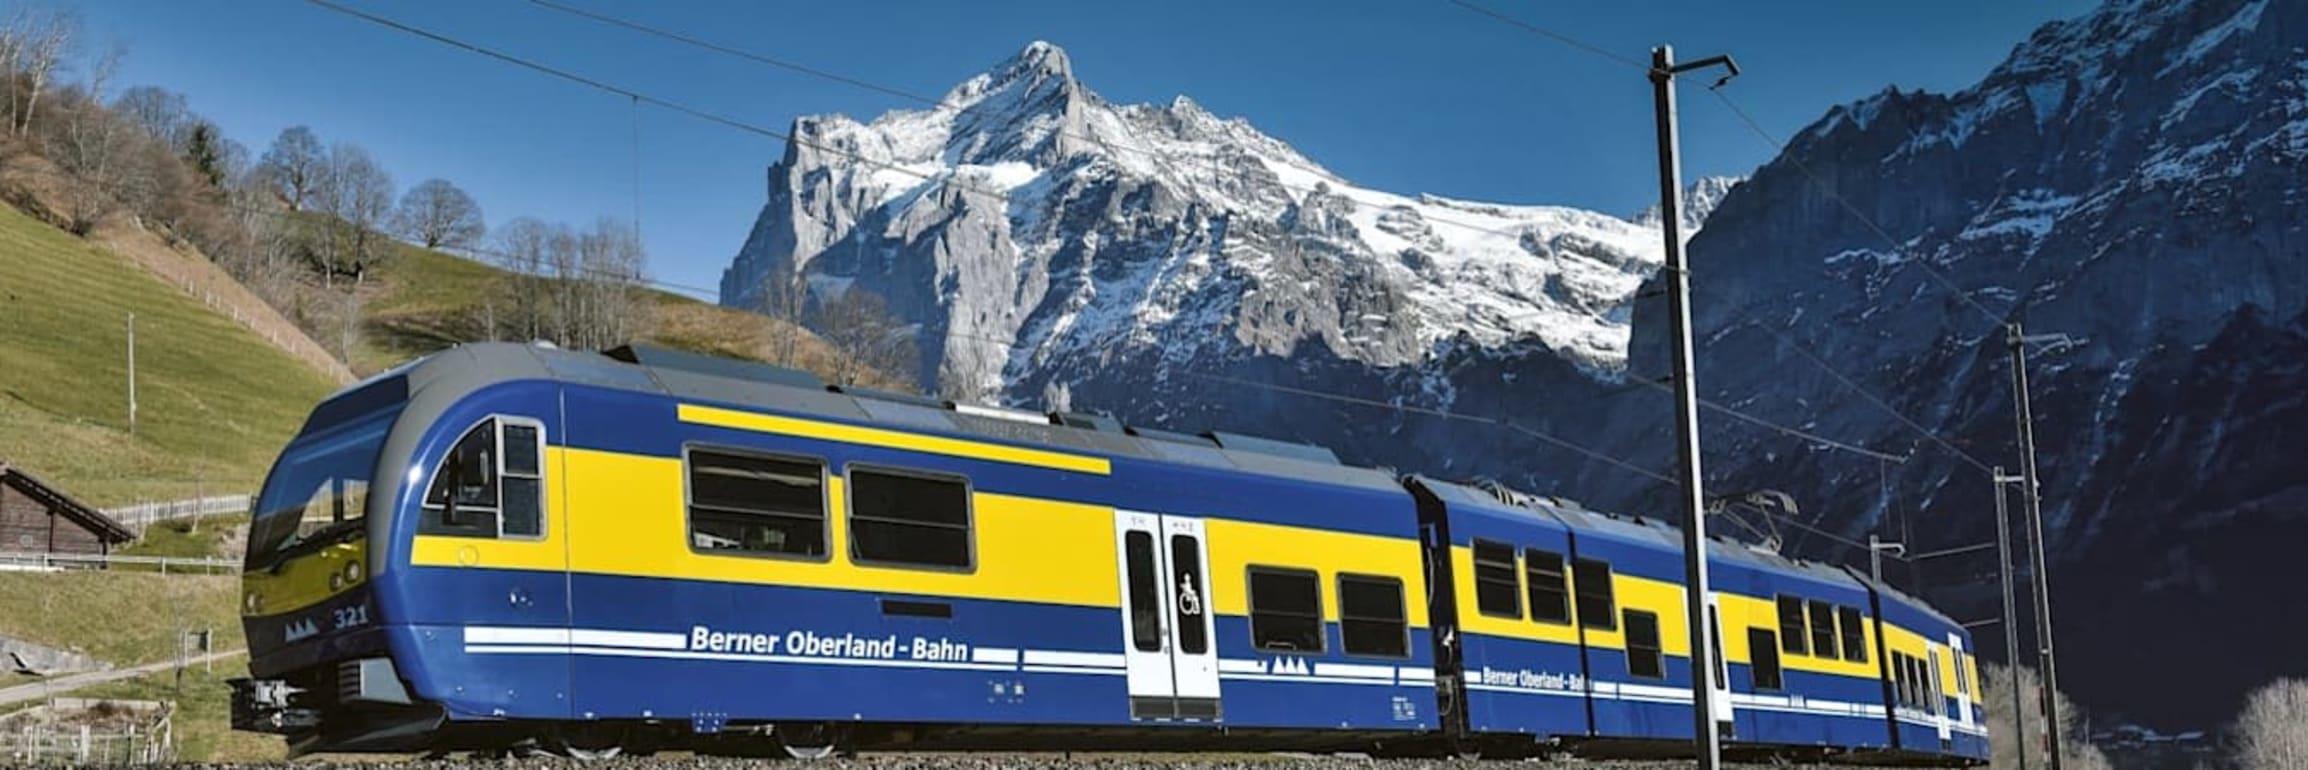 Berner Oberland Bahn